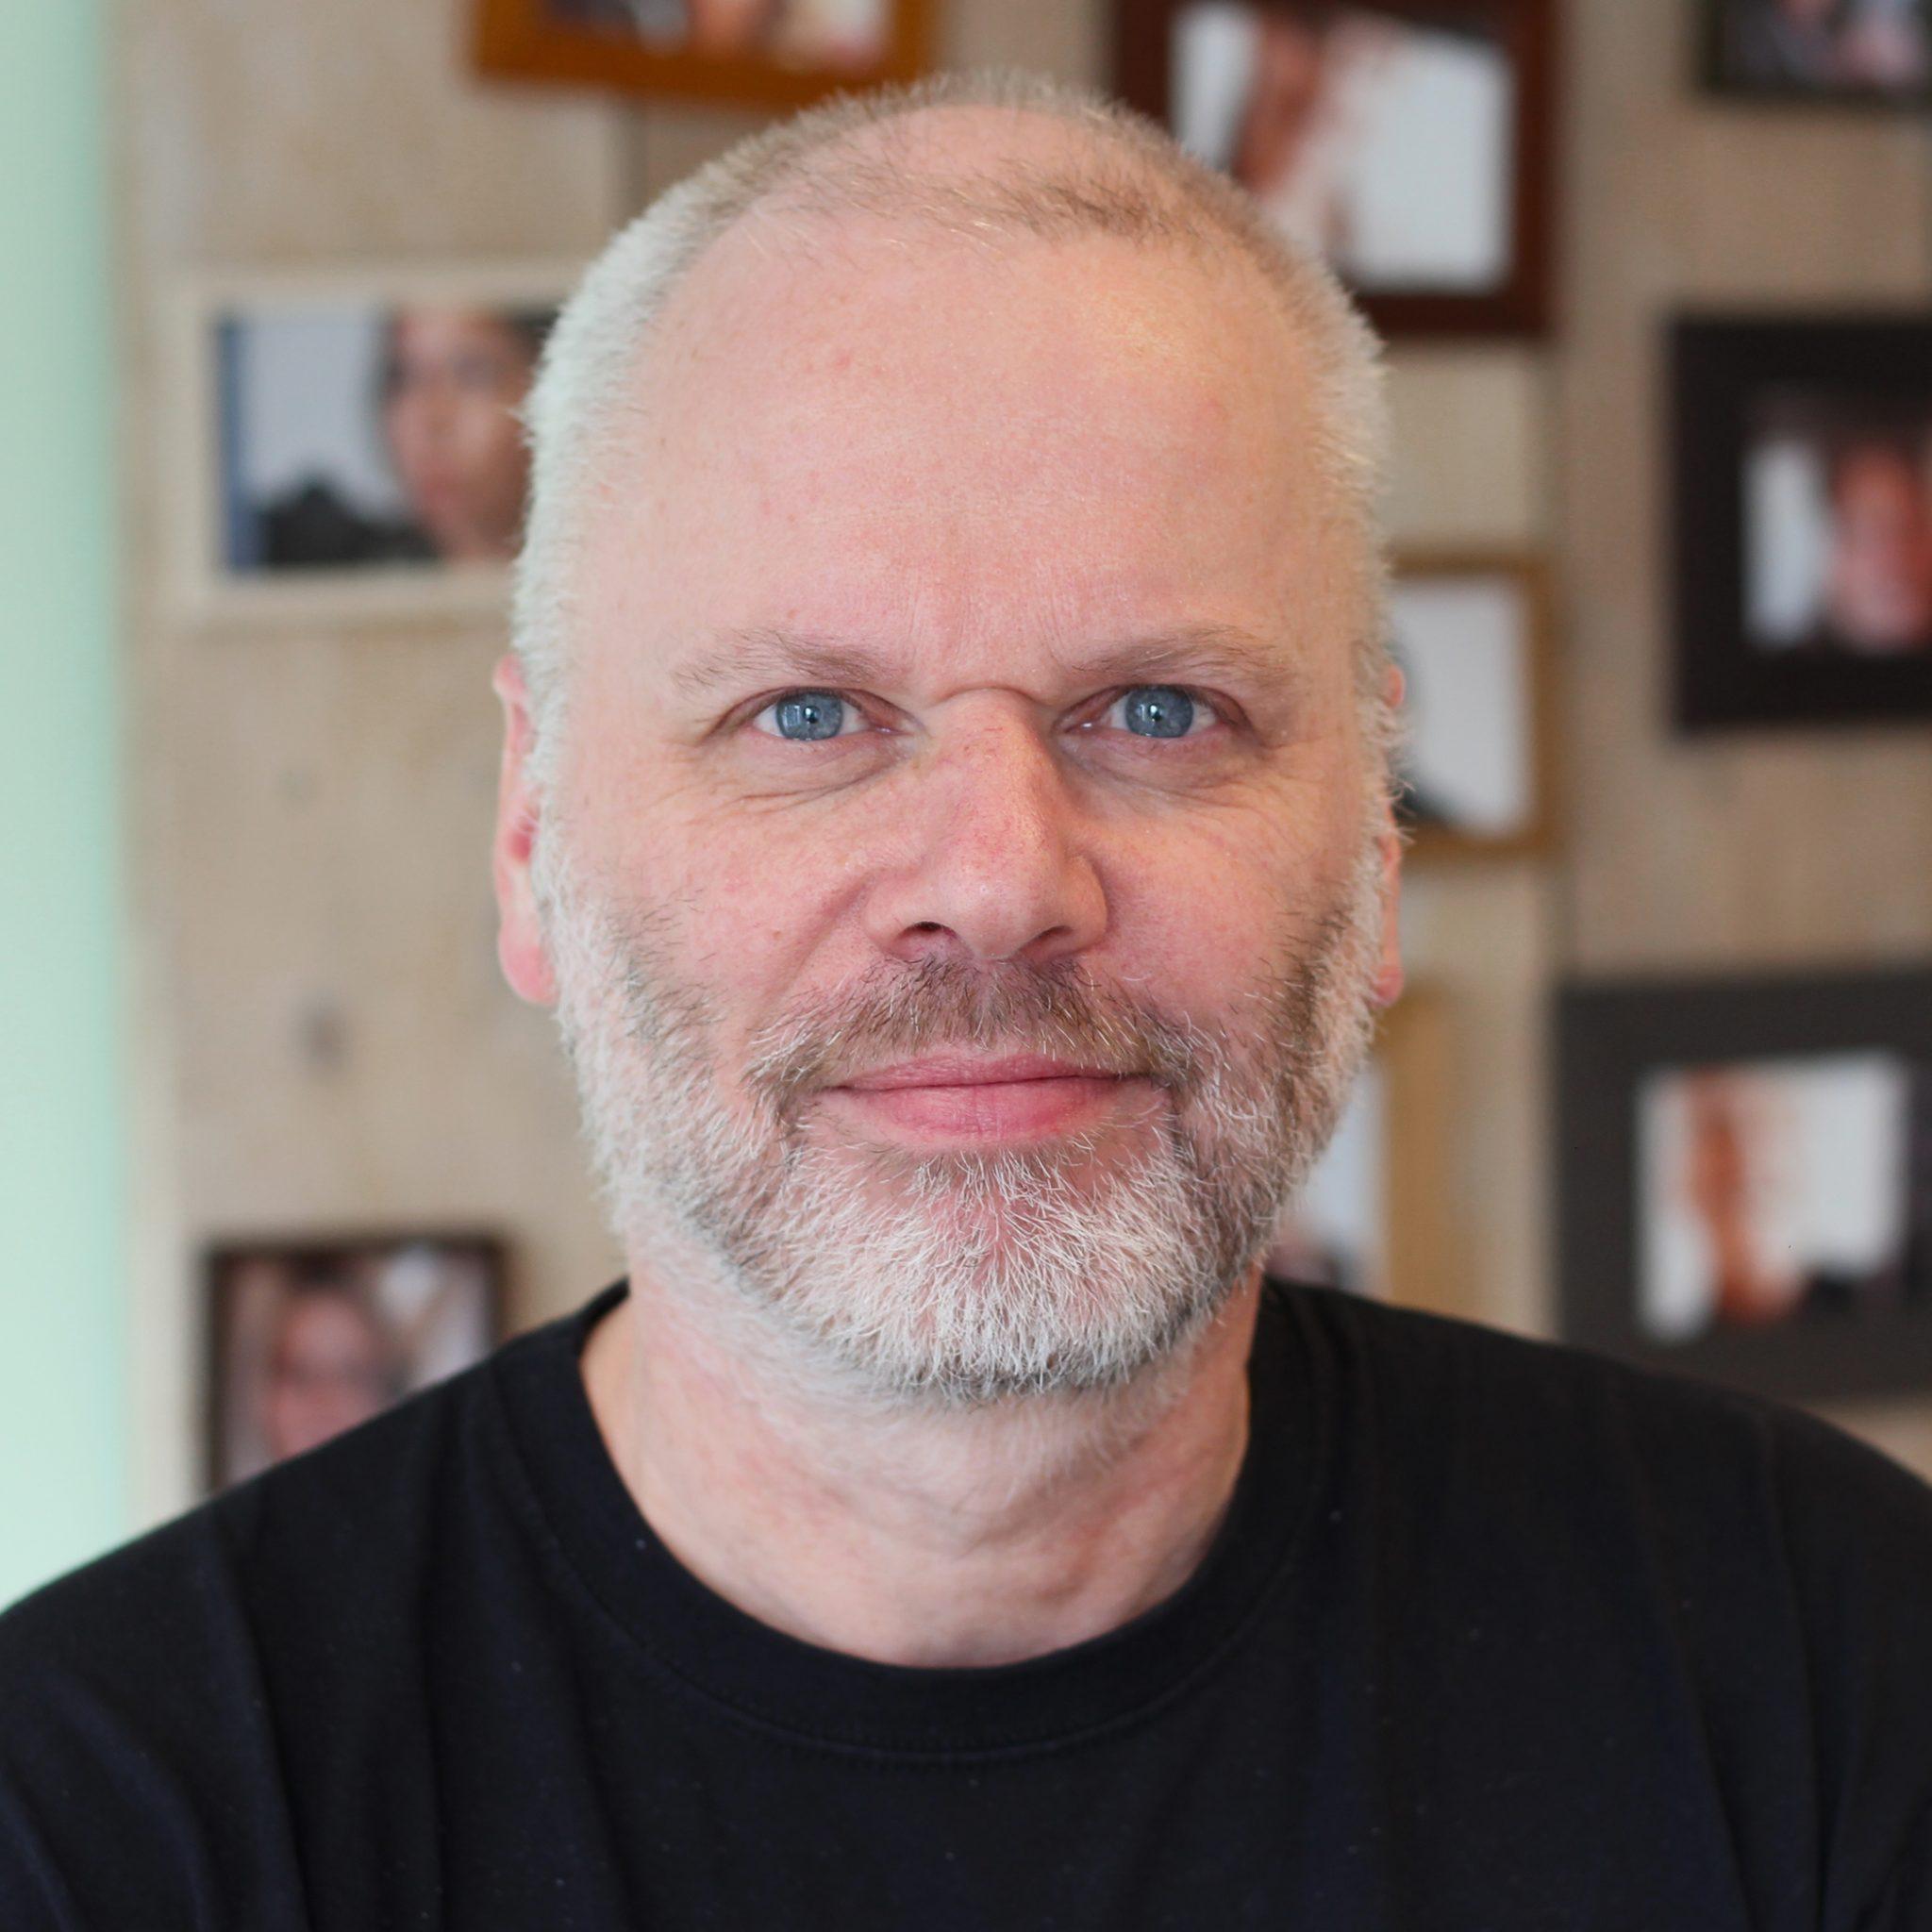 Bart Schreuder